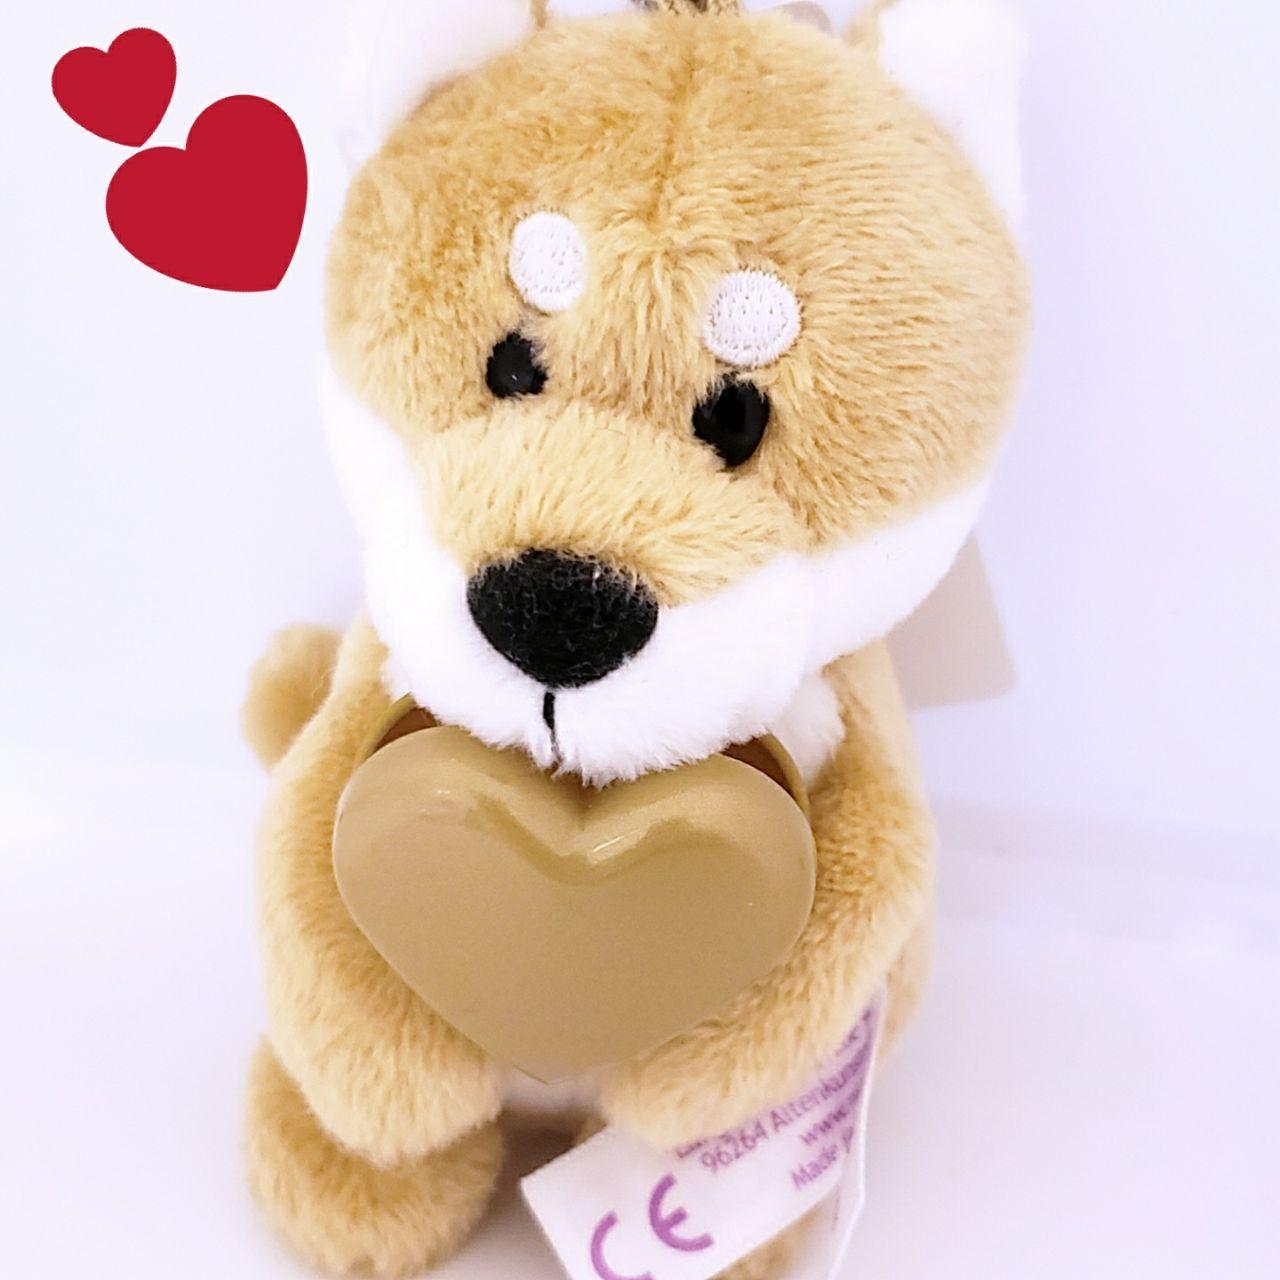 「しあわせのハートクリッププレゼント♡!【ノベルティ&クーポンキャンペーン】」の写真